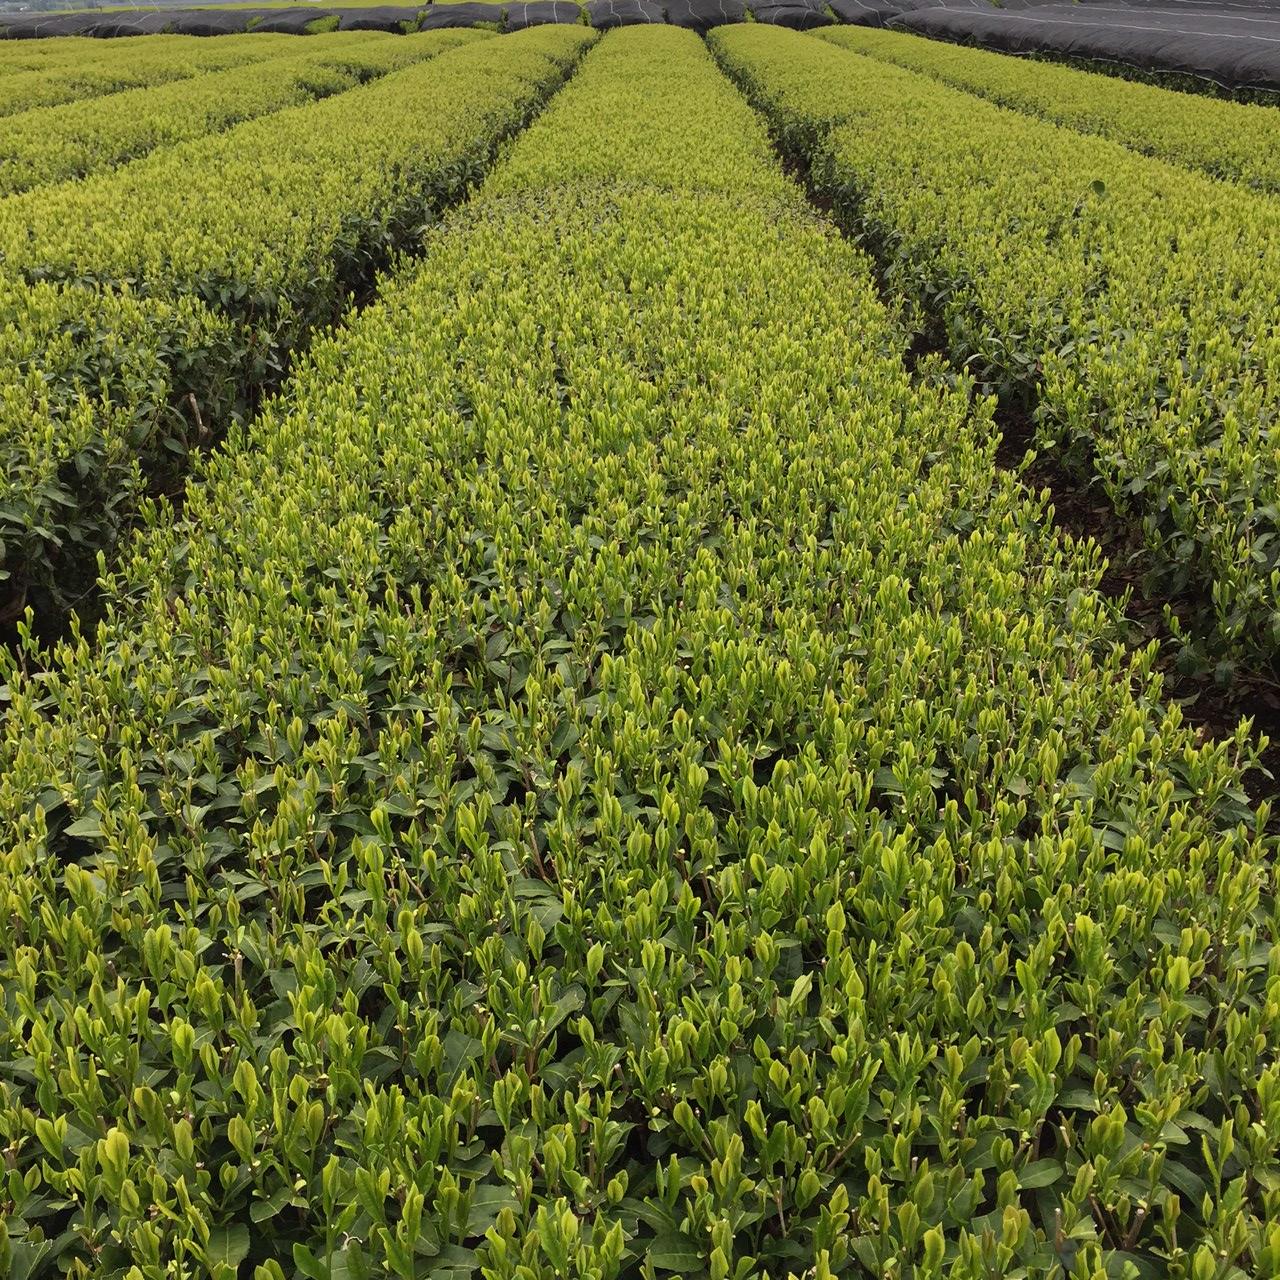 2017年4月21日かごしま緑茶の茶園風景です。品種はヤブキタです。小さな新芽成長中。